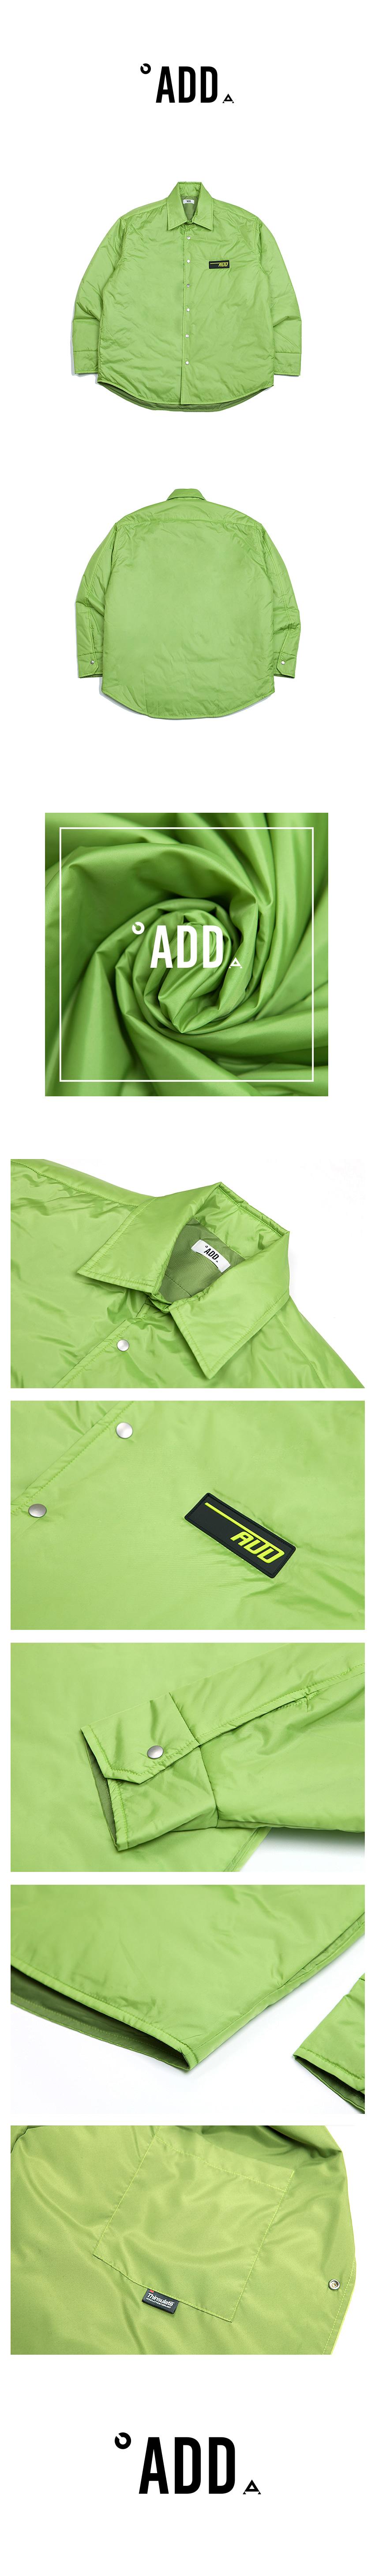 에드(ADD) (경량패딩) NYLON THINSULATE PUFFER SHIRT GREEN